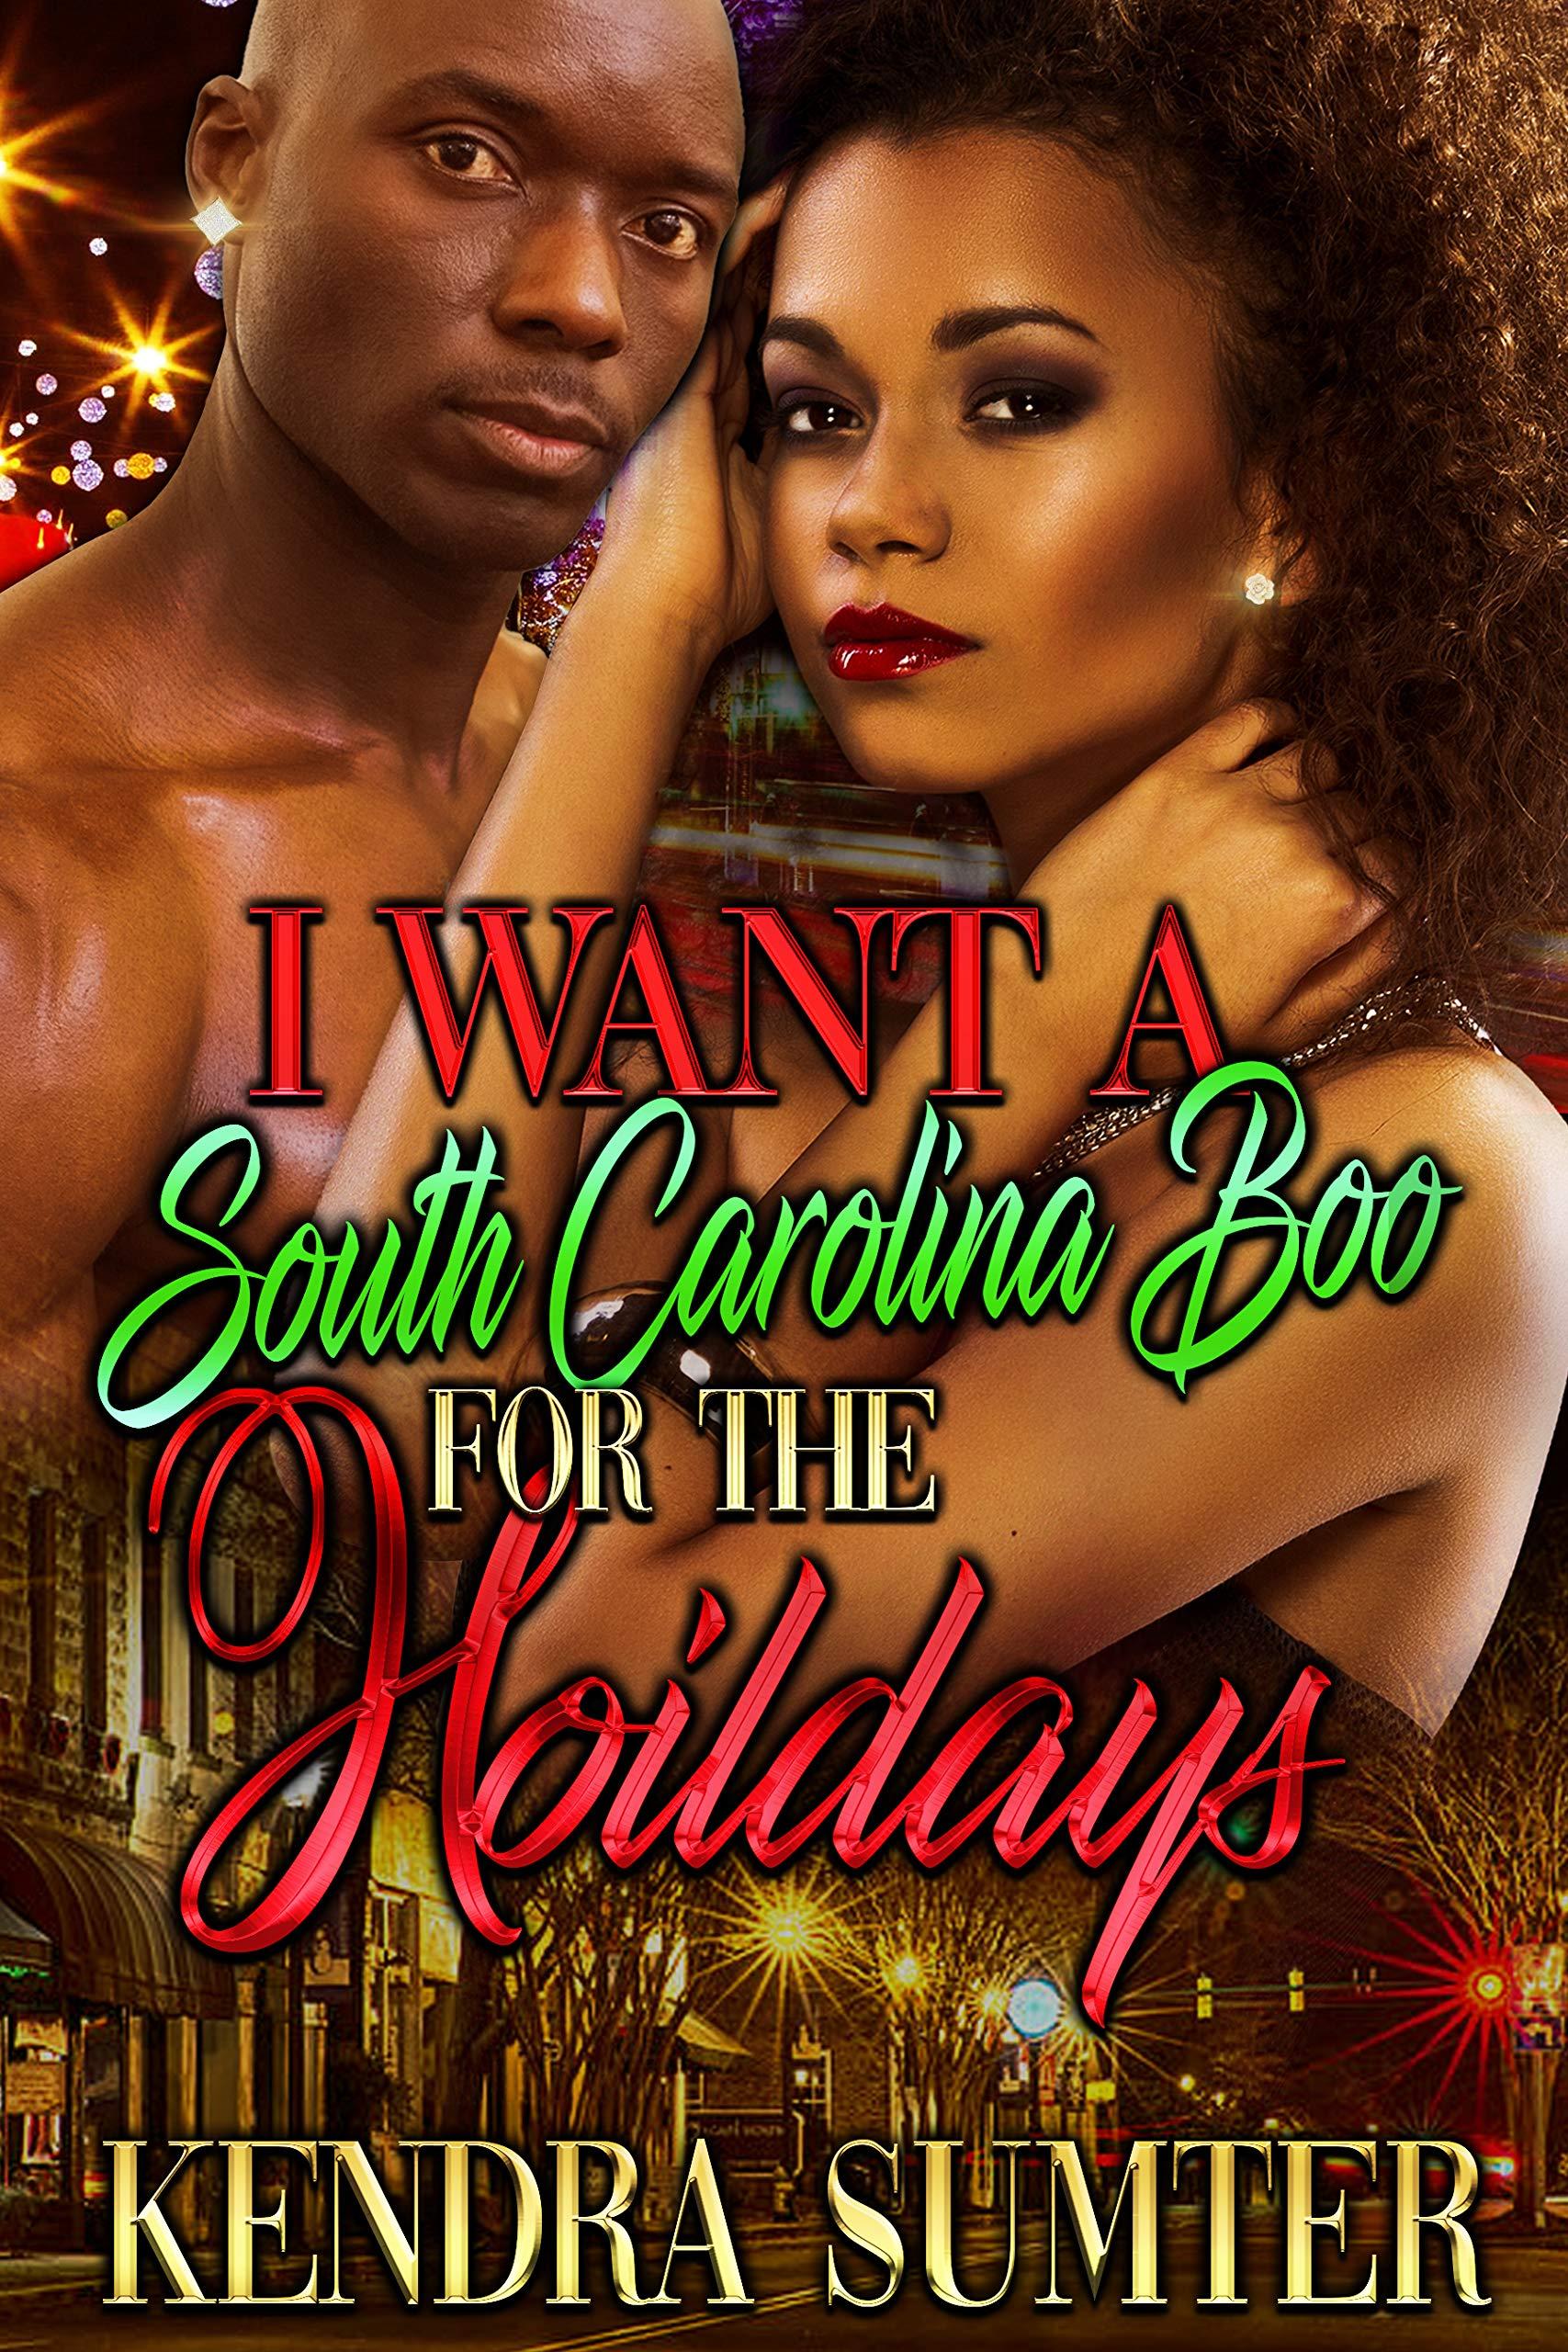 I Want A South Carolina Boo for The Holidays